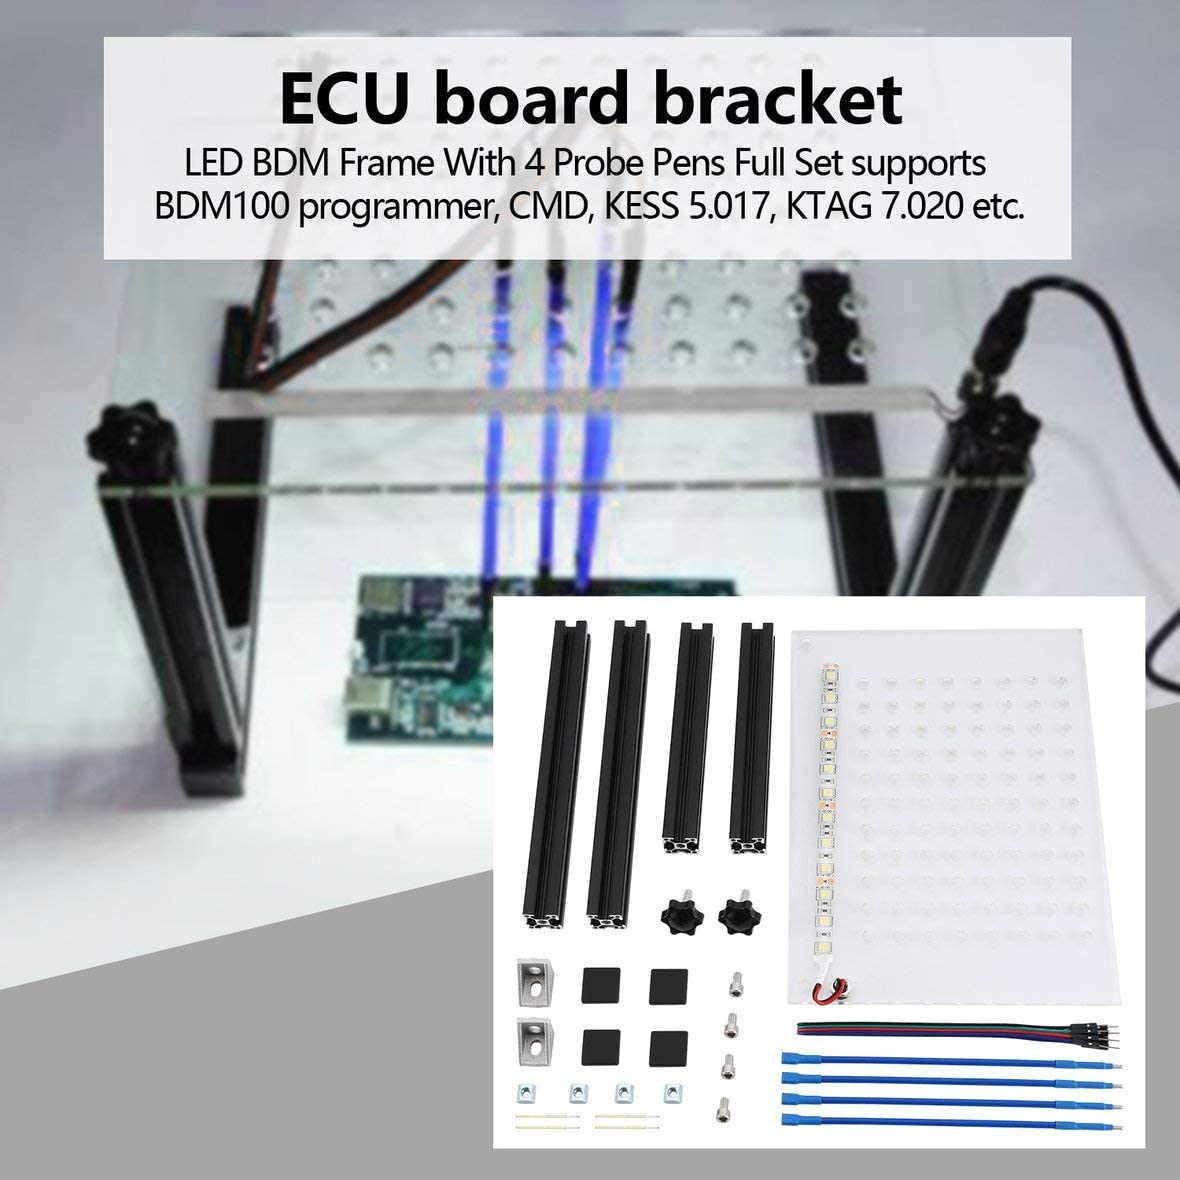 4 pezzi//set Penne sonda LED BDM Frame Pin con sostituzione cavo di collegamento per scheda ECU KTAG//KESS Programma ECU KIMISS